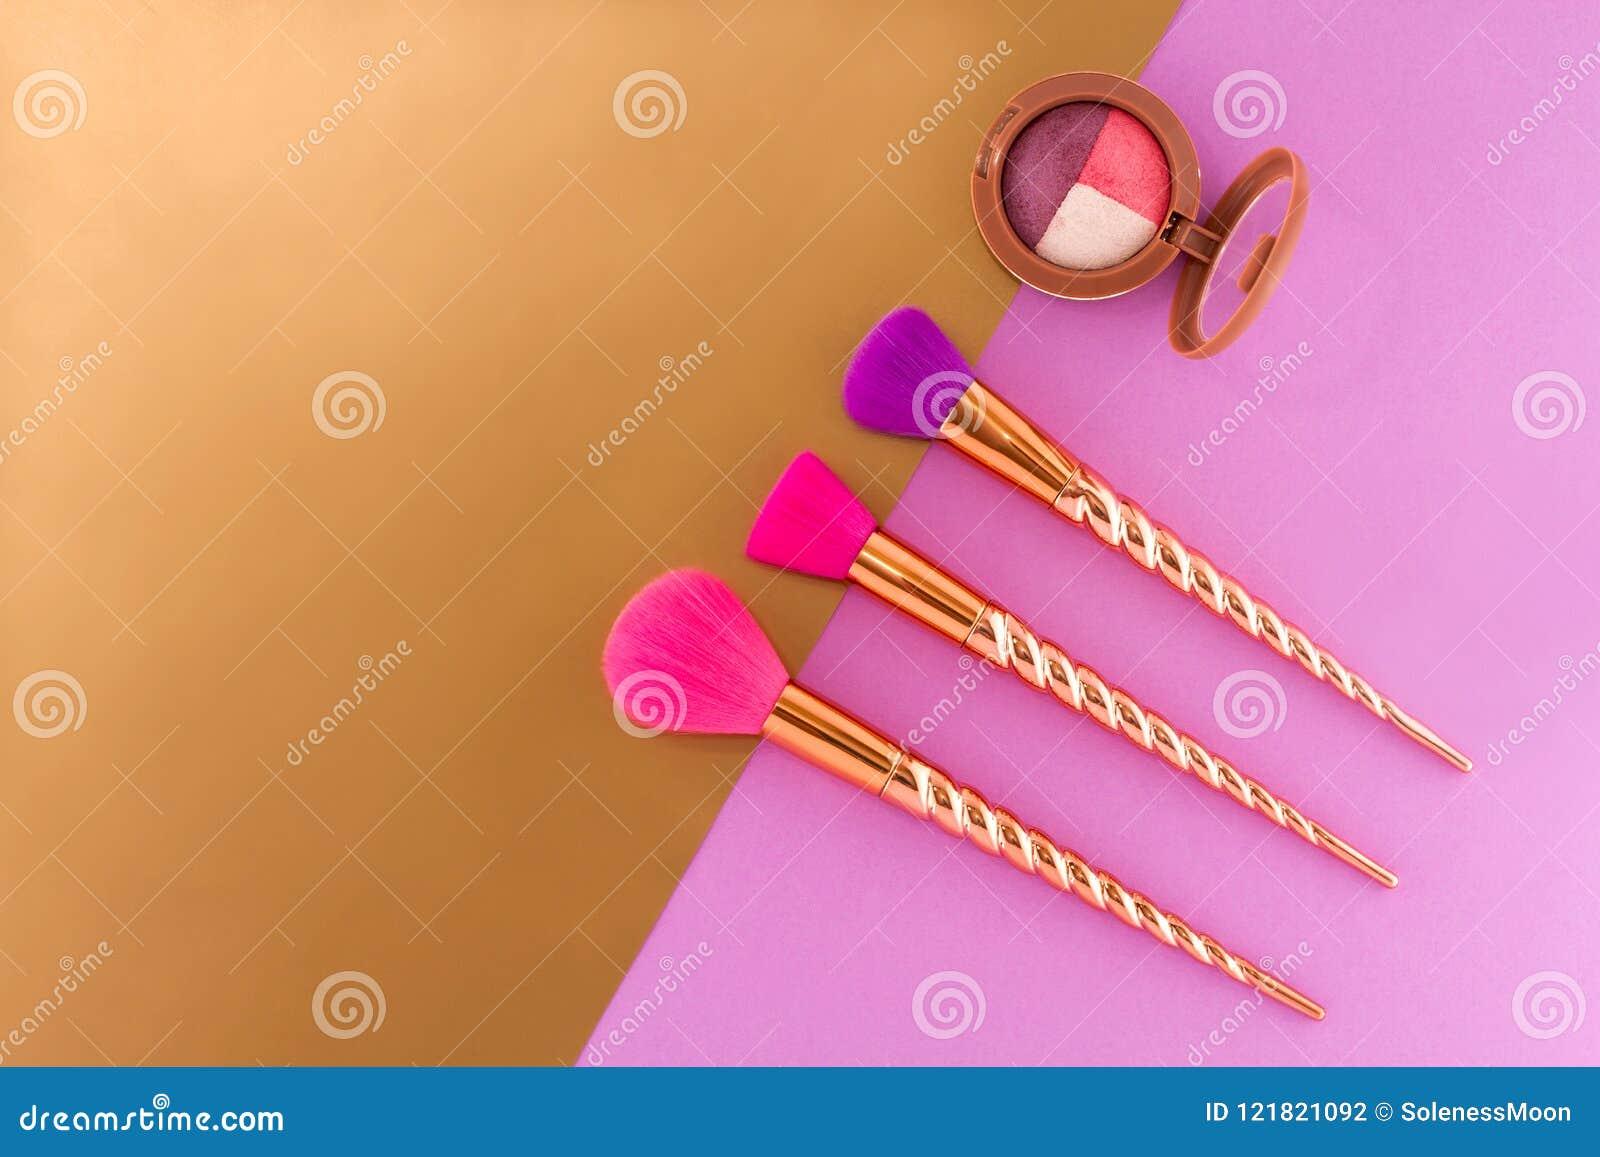 Drie borstels en oogschaduw op dubbele purple - koper-gouden achtergrond